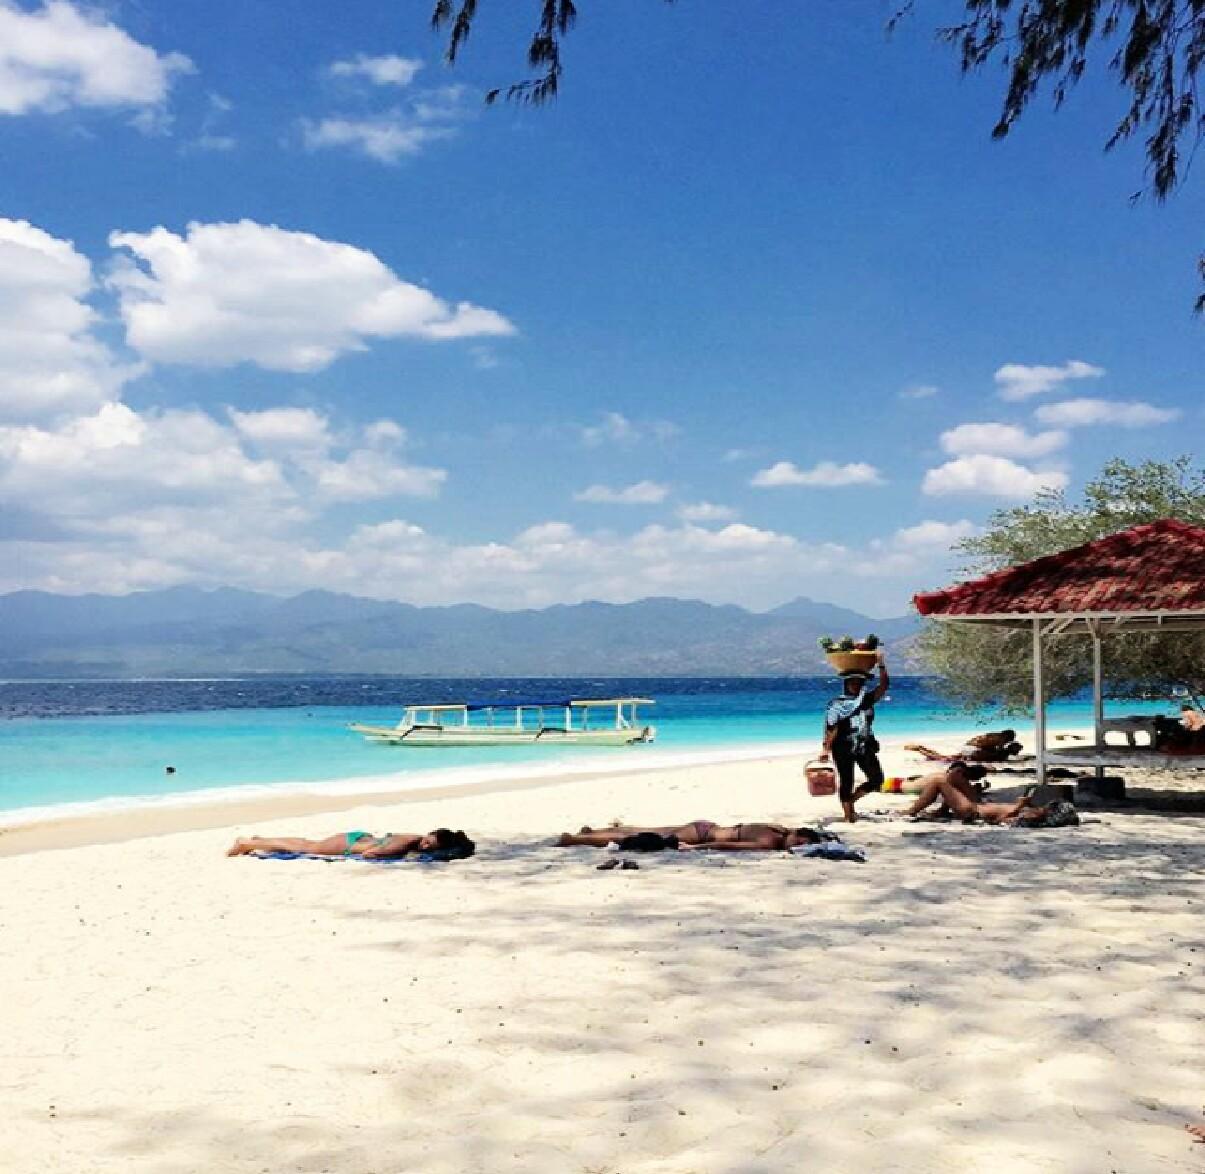 Pesona Keindahan Gili Meno Kabupaten Lombok Utara Gunungkidulku Rute Menuju